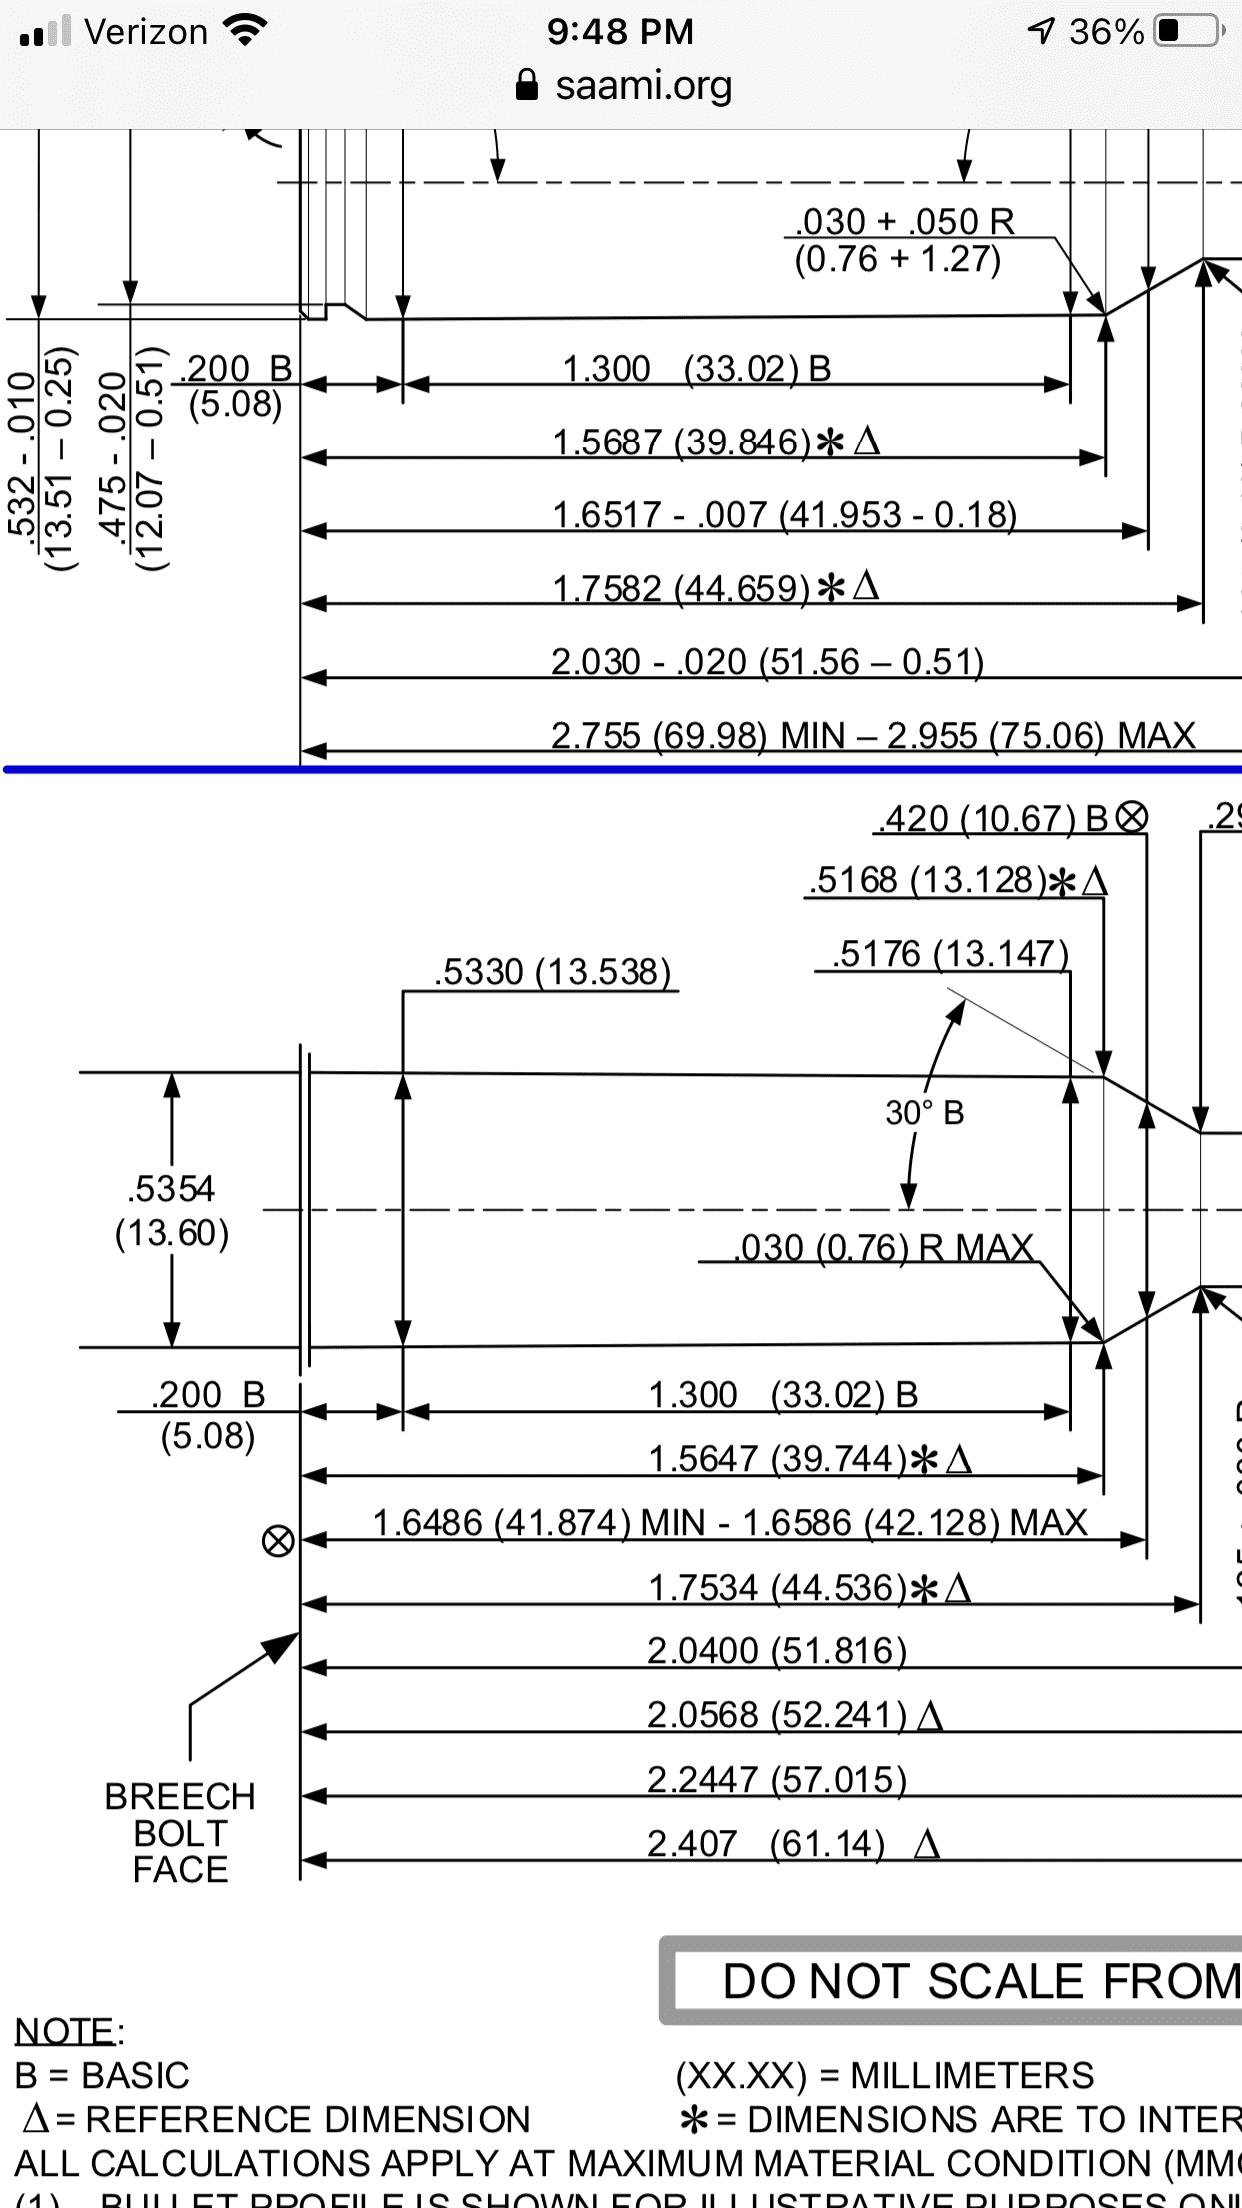 A71E03A6-BAD2-4118-A7E9-F8D72C90CDA6.png